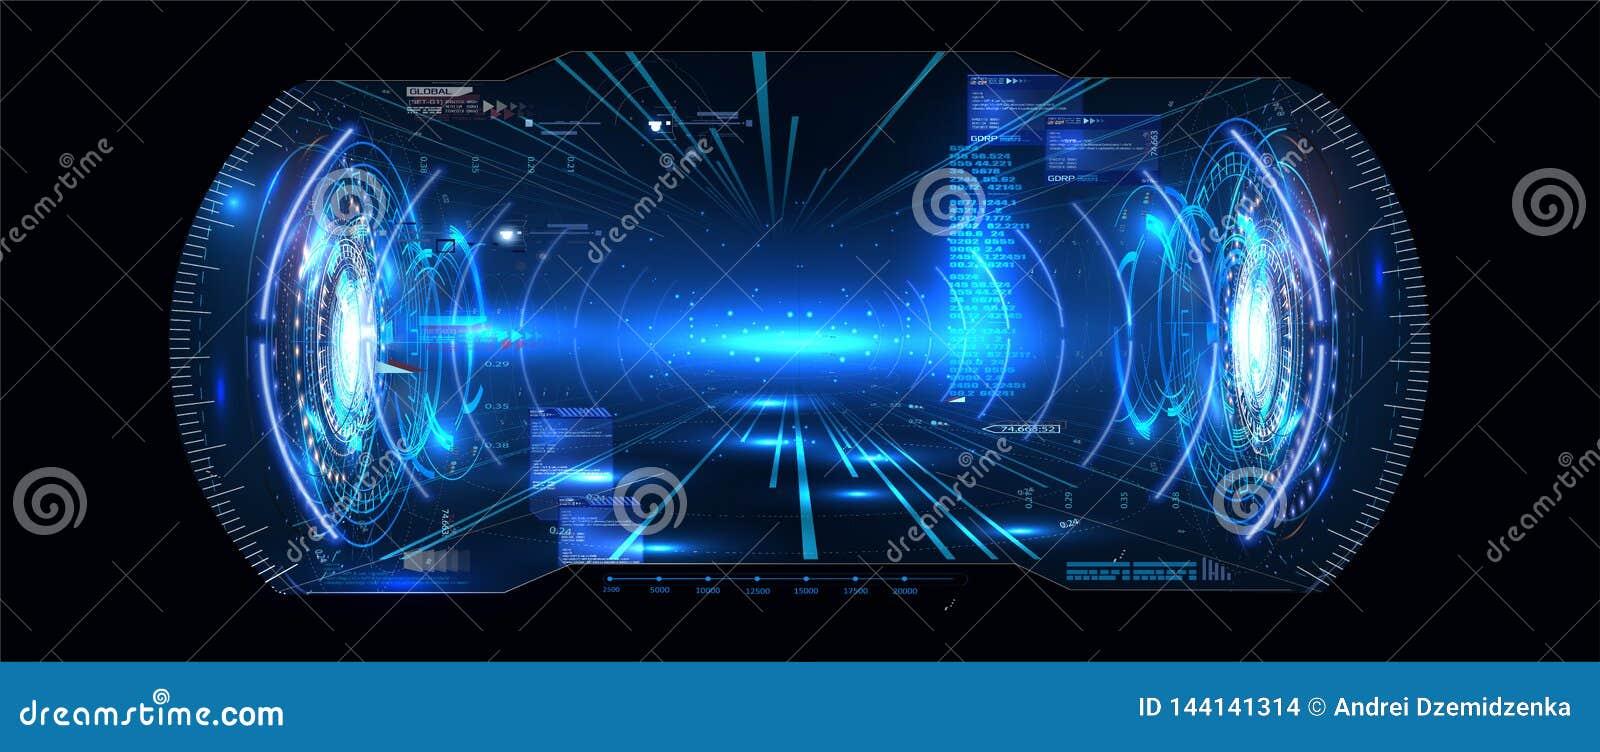 Futuristisches Head-up-display HUD UI GUI Interface Screen Design des Vektor-VR Virtuelle Realität Digital-Benutzerschnittstelle